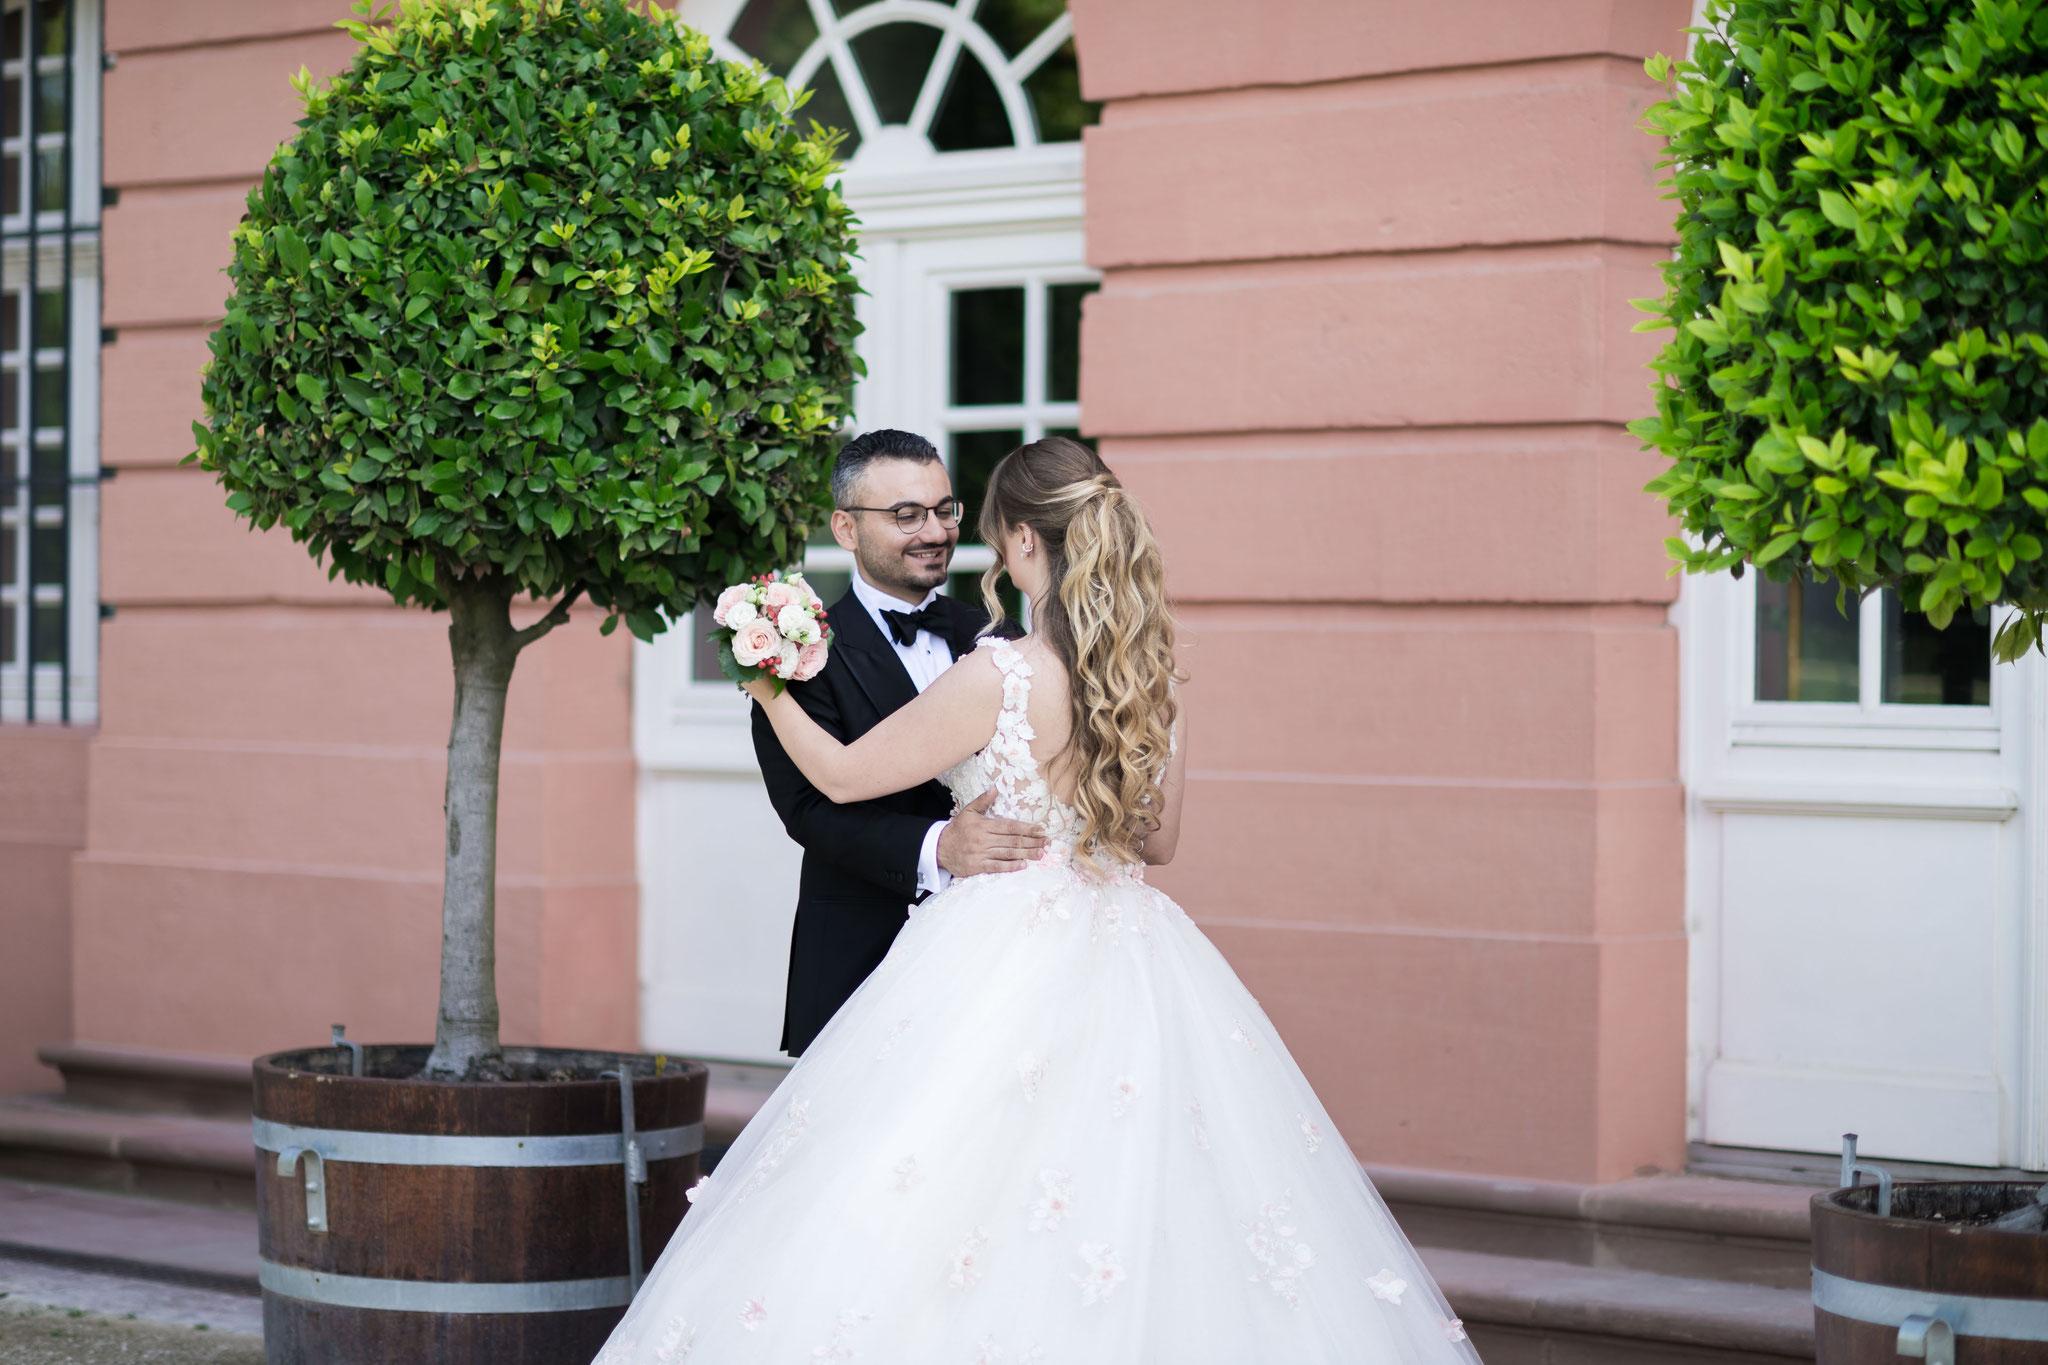 Hochzeitsfotograf für Hochzeitsaufnahmen in Wiesbaden und Umgebung